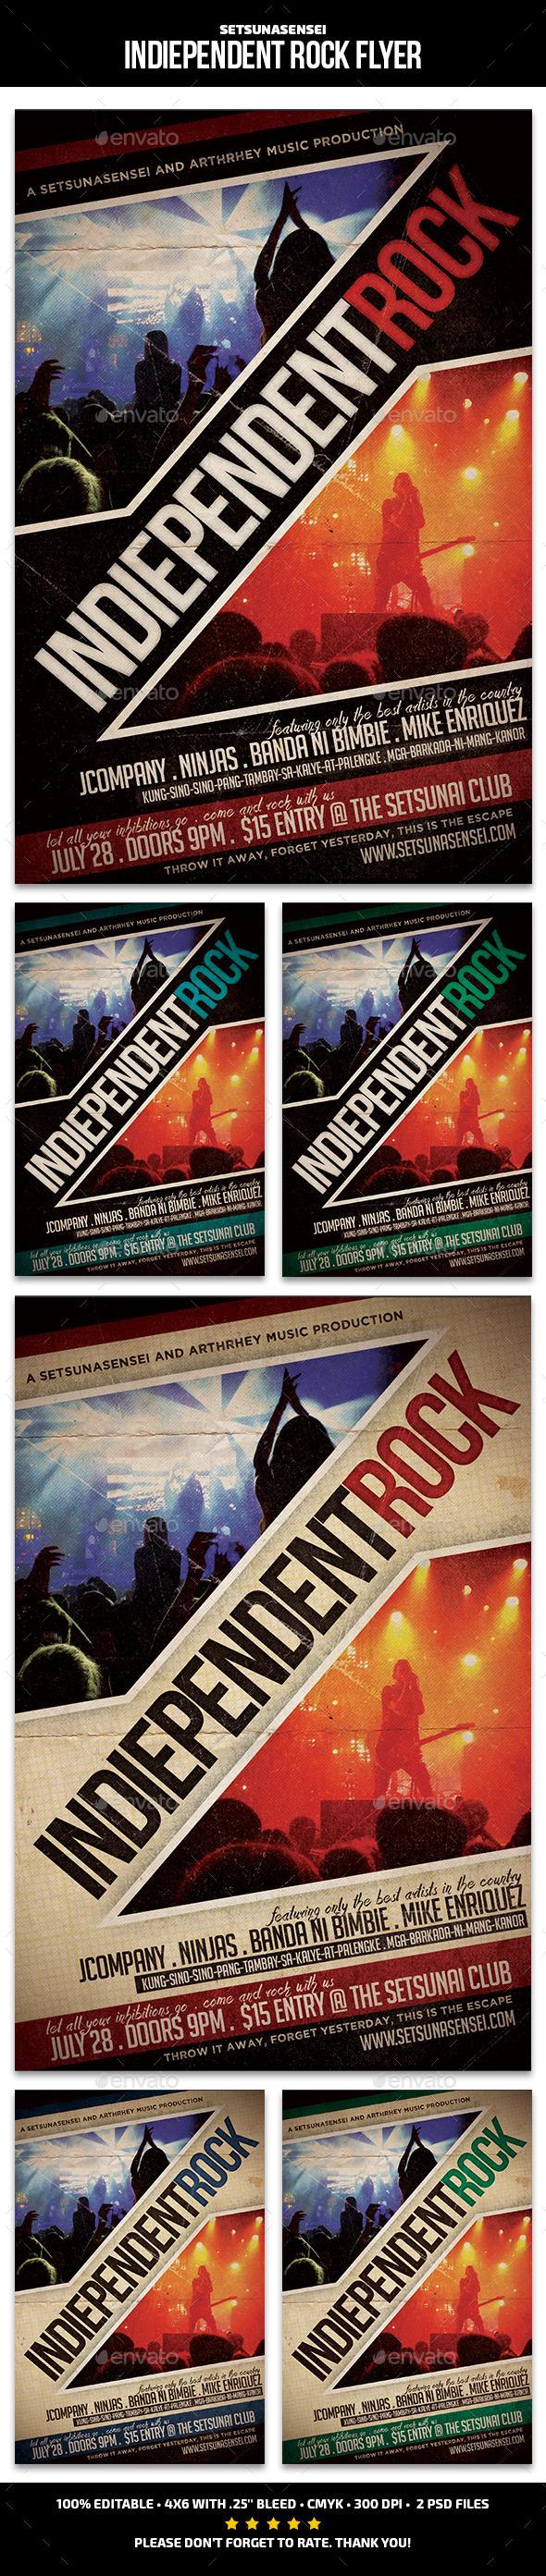 Indiependent Rock Flyer - Concerts Events